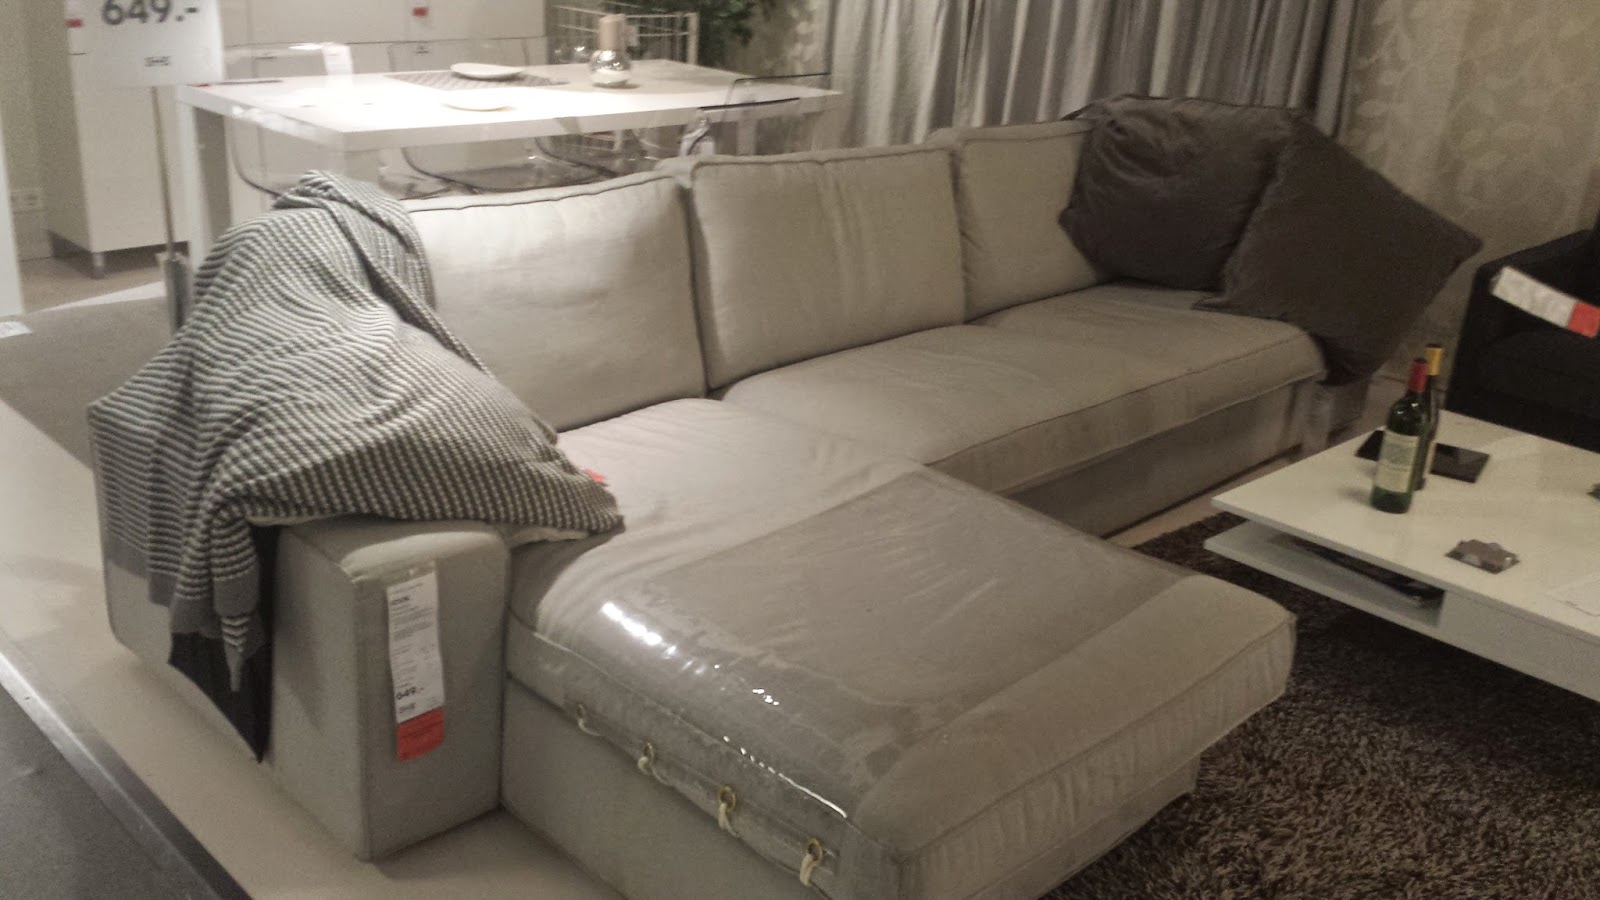 Sofa Bed Kwantum.Slaapbank Gamma Goedkope Gordijnen Kwantum Cars Bed Kwantum